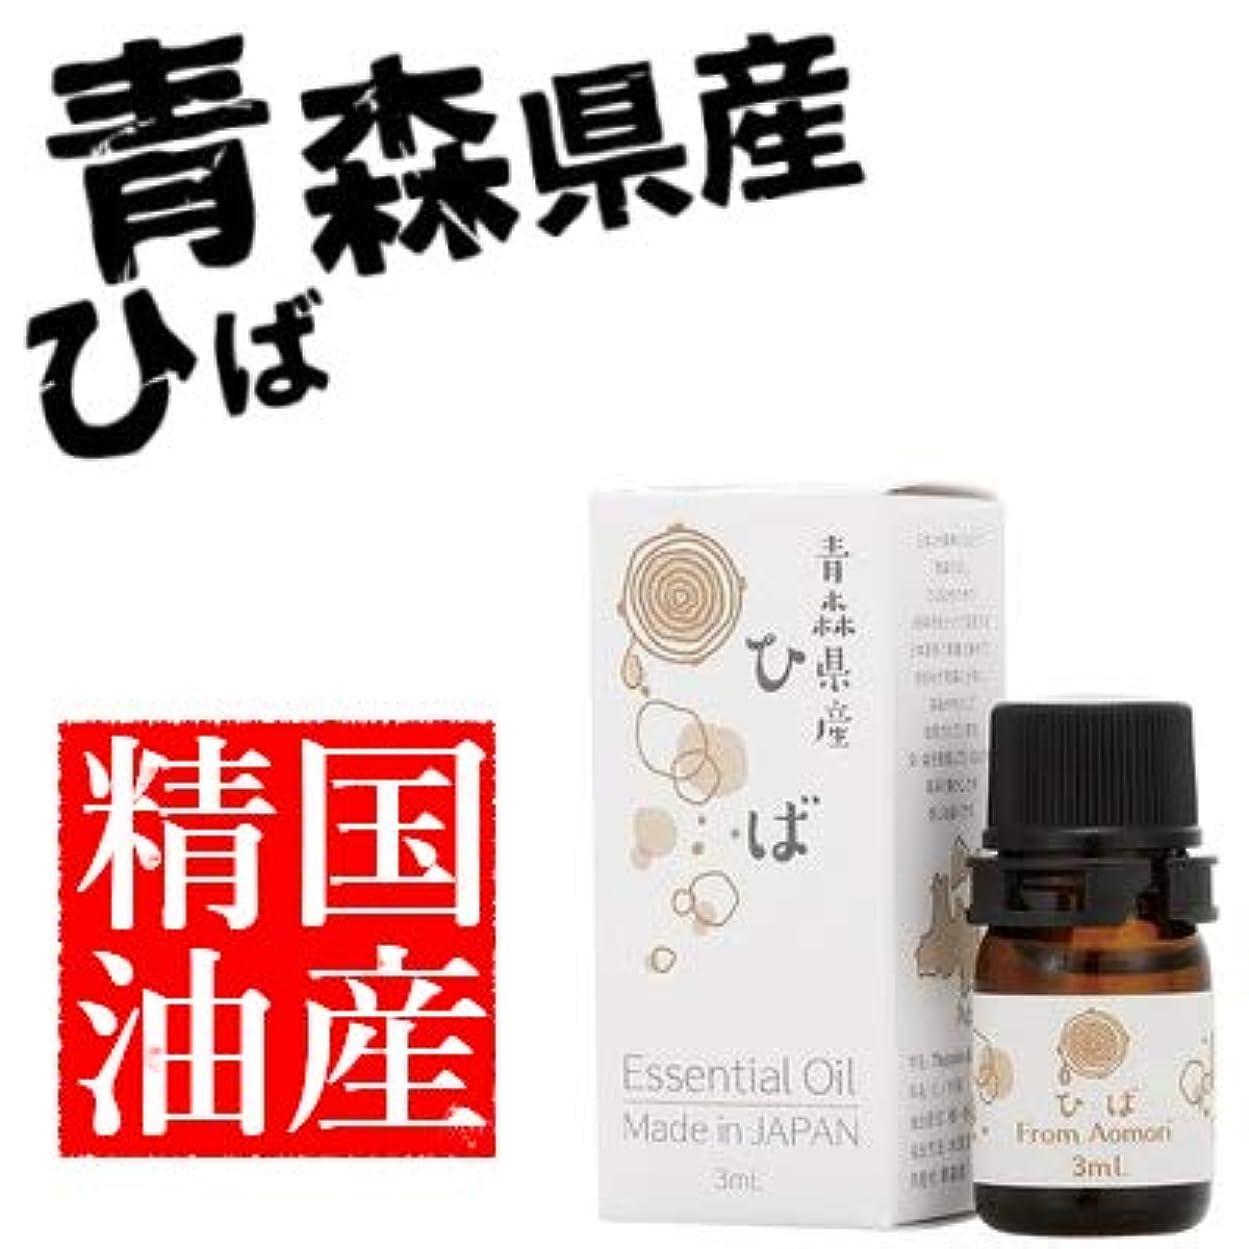 従事した陽気な南アメリカ日本の香りシリーズ エッセンシャルオイル 国産精油 (ひば)